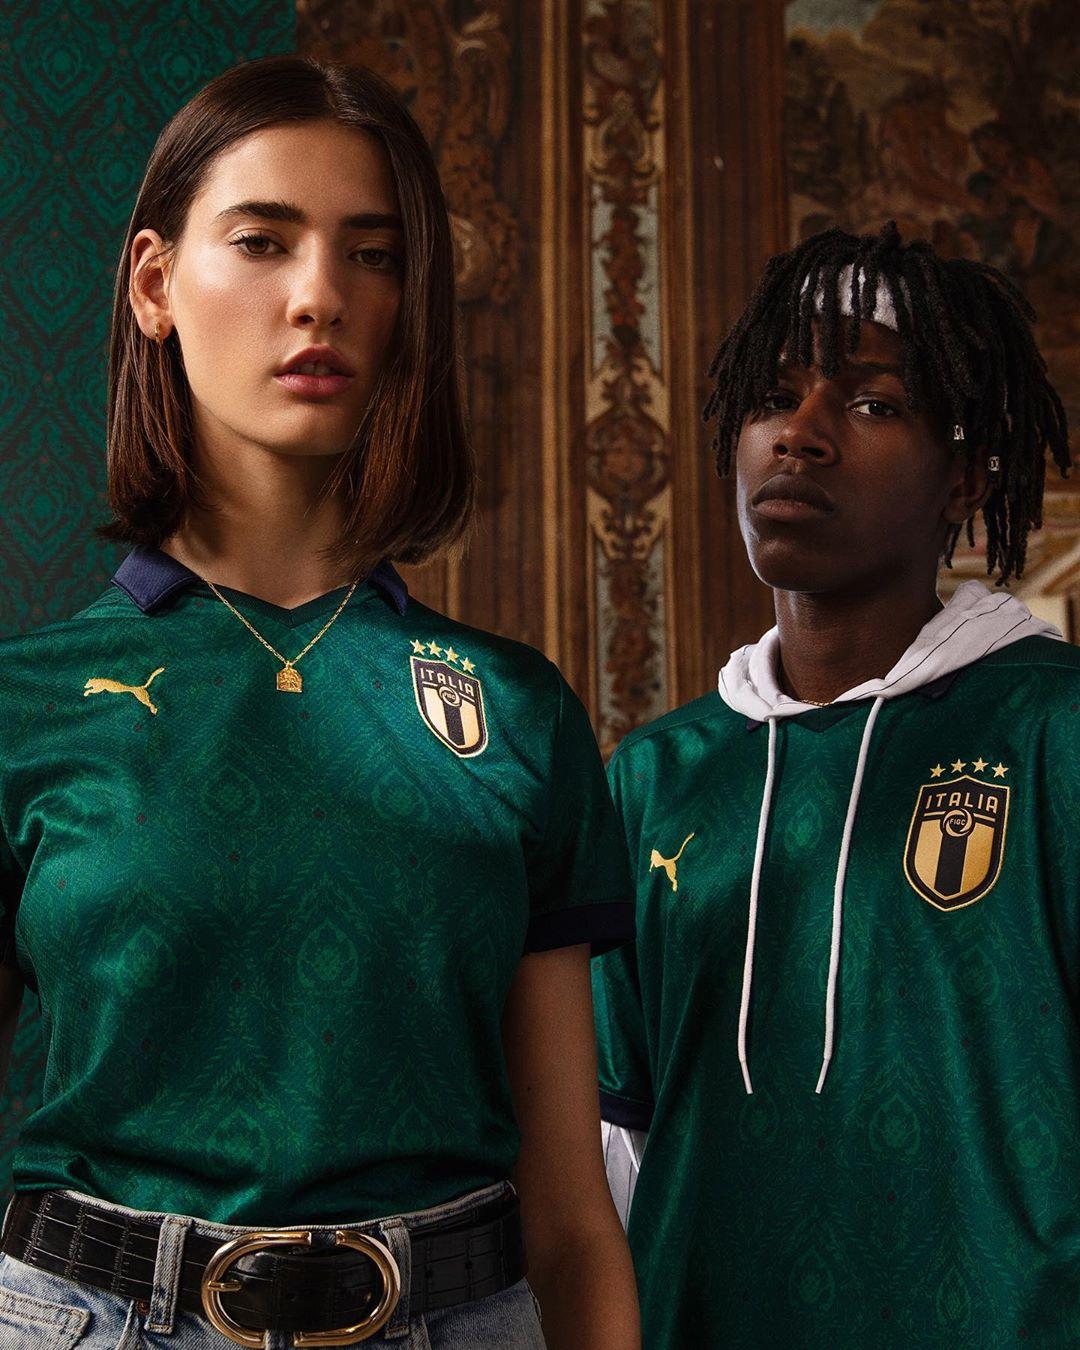 https://www.footpack.fr/wp-content/uploads/2019/10/maillot-italie-renaissance-2019-puma.jpg